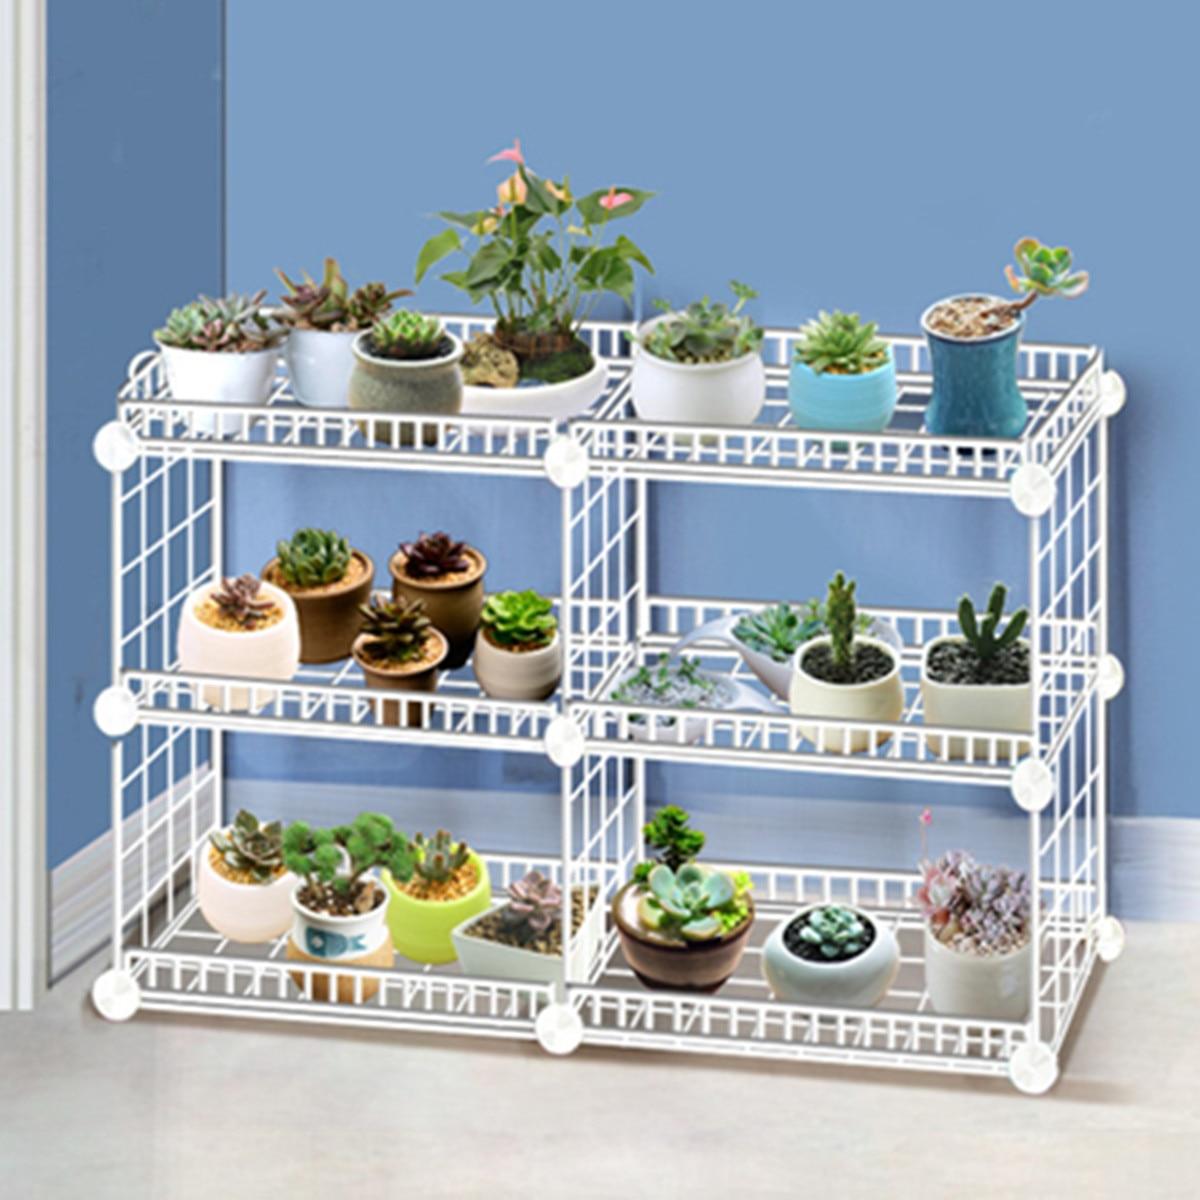 المنزلية الحديد المطاوع متعدد الطبقات النبات الوقوف مع أربعة الجانبين من سياج رف شرفة داخلي أصيص أزهار الحديقة الجرف انفصال